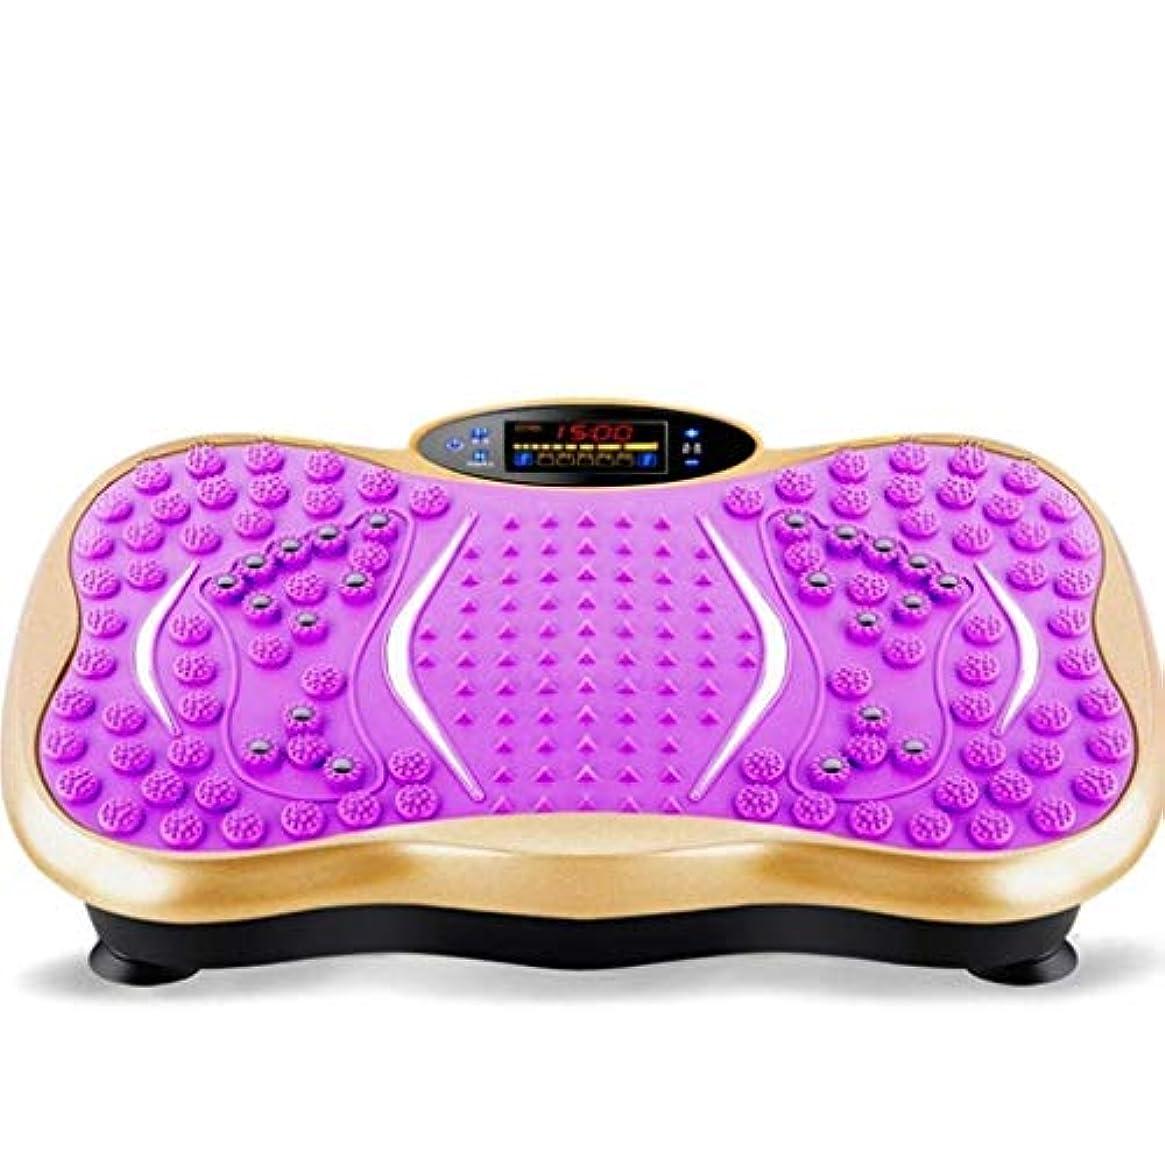 まだら操縦する自伝減量機、減量マッサージ機、モーション振動成形機、家族に適したBluetooth音楽の5つのモード、ユニセックス振動トレーナー、減量 (Color : 紫の)